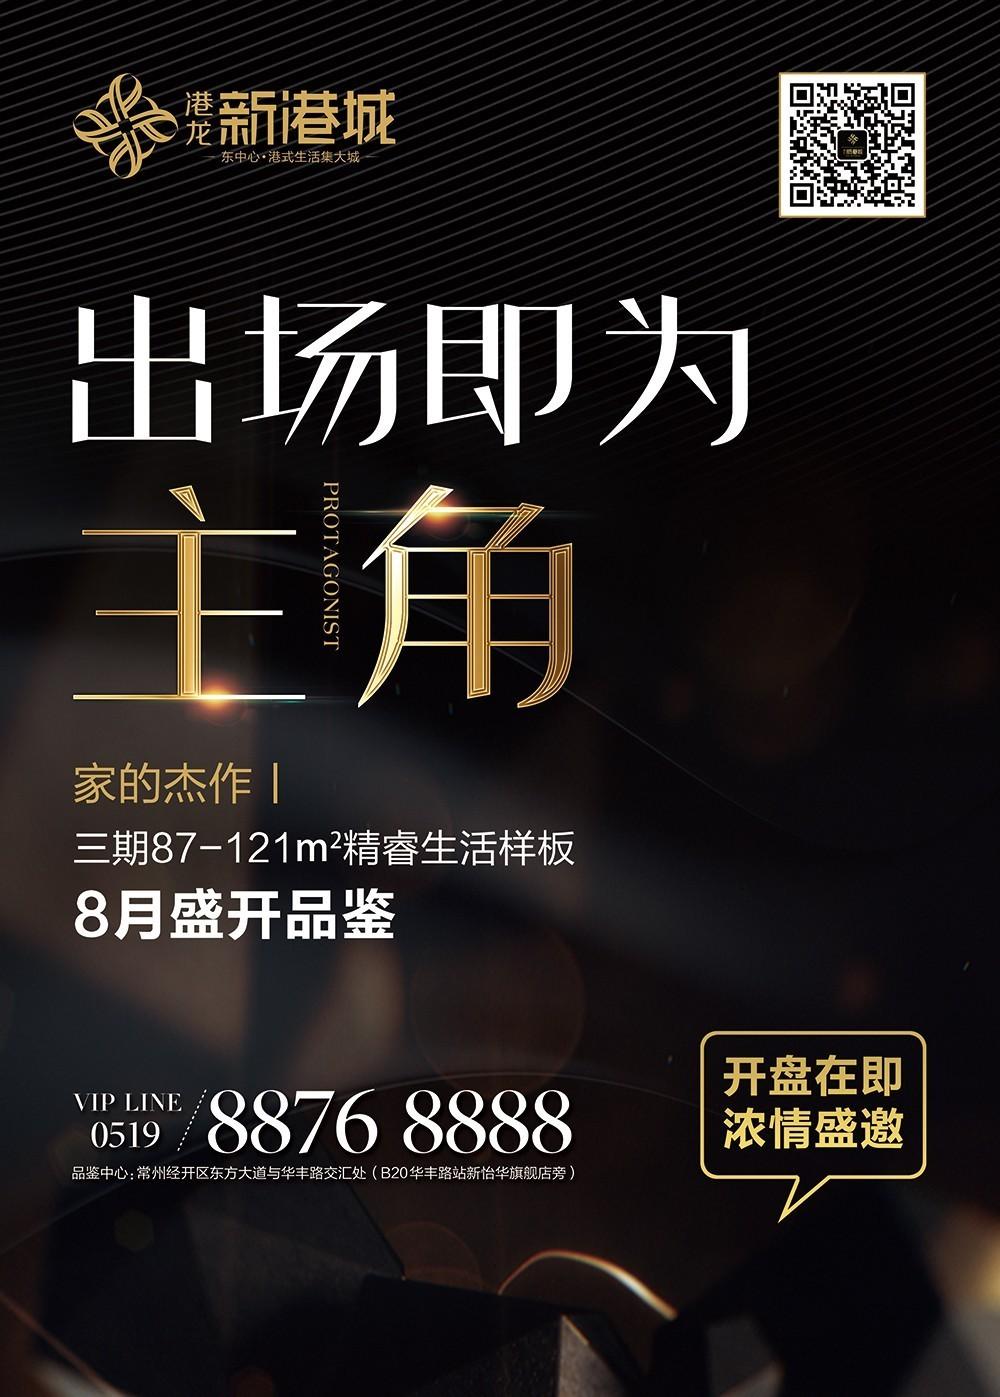 【港龙新港城】常州东大门即将放大招 三期8月盛启